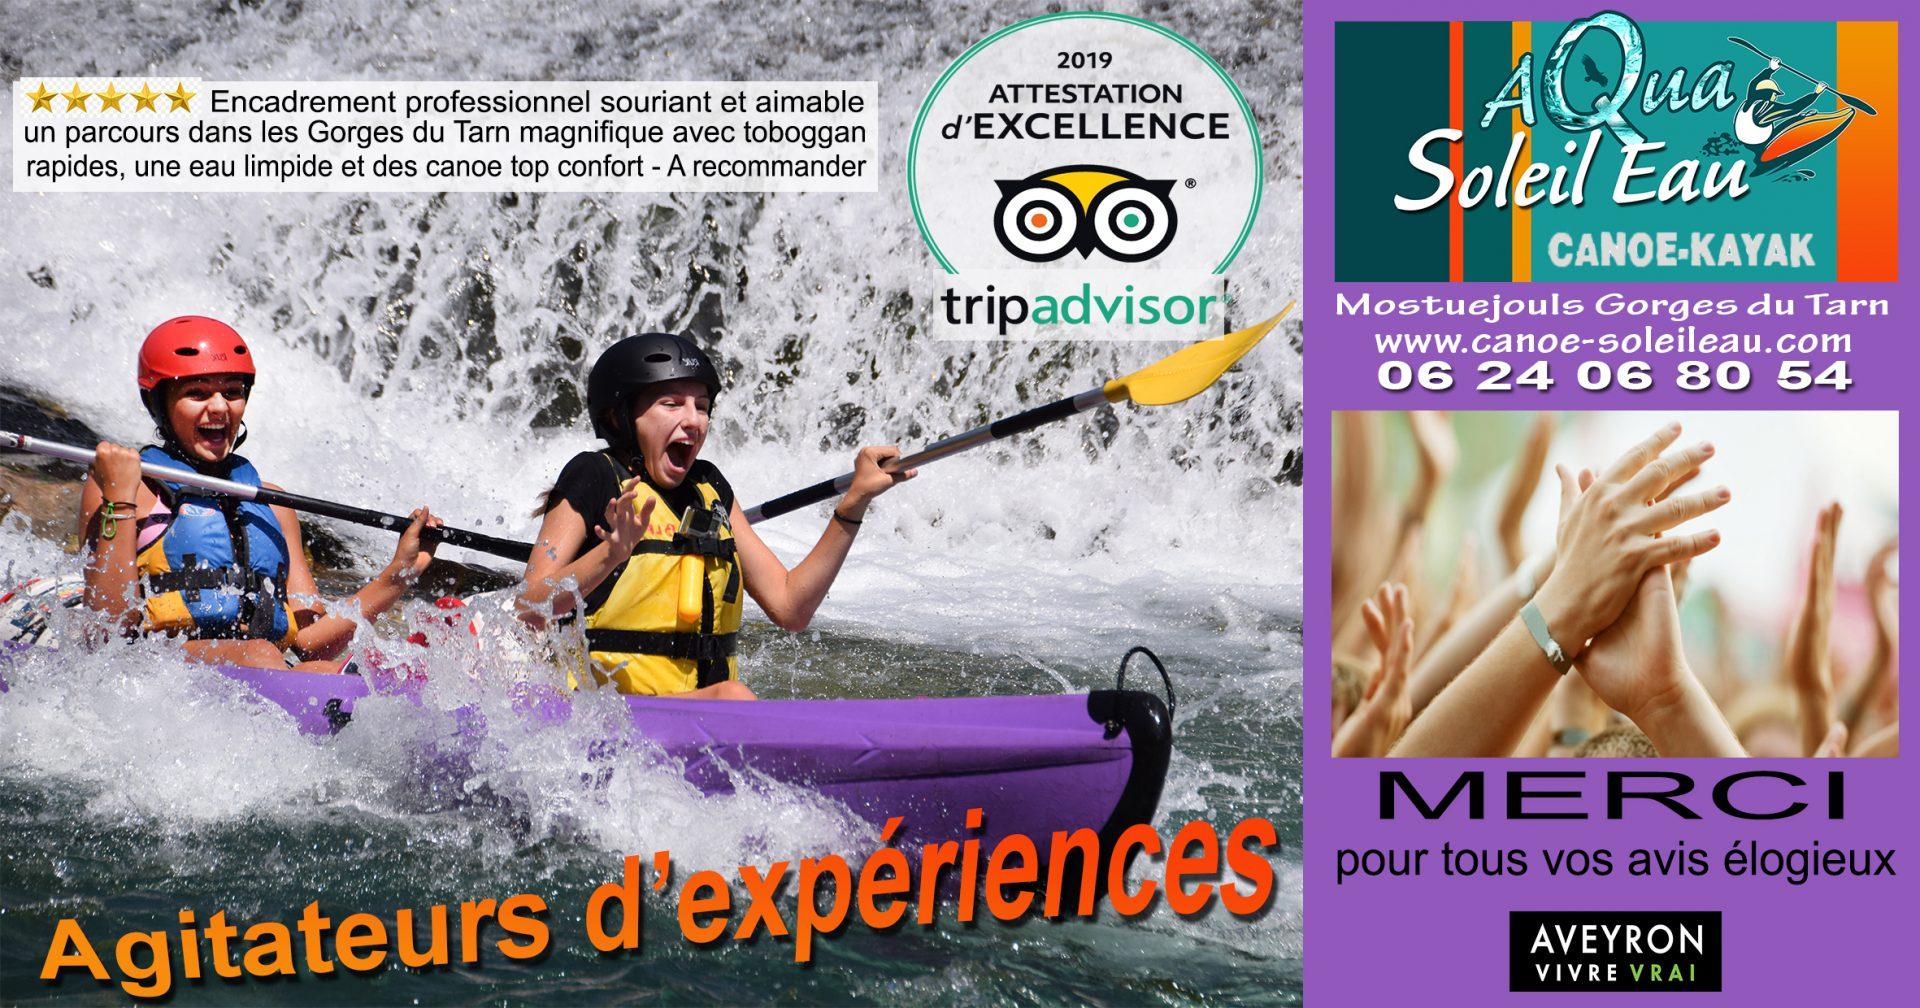 Remerciements d'Aqua Soleil Eau Canoe élu activités de loisirs touristiques de qualité dans les Gorges du Tarn avec Certificat d'Excellence Tripadvisor